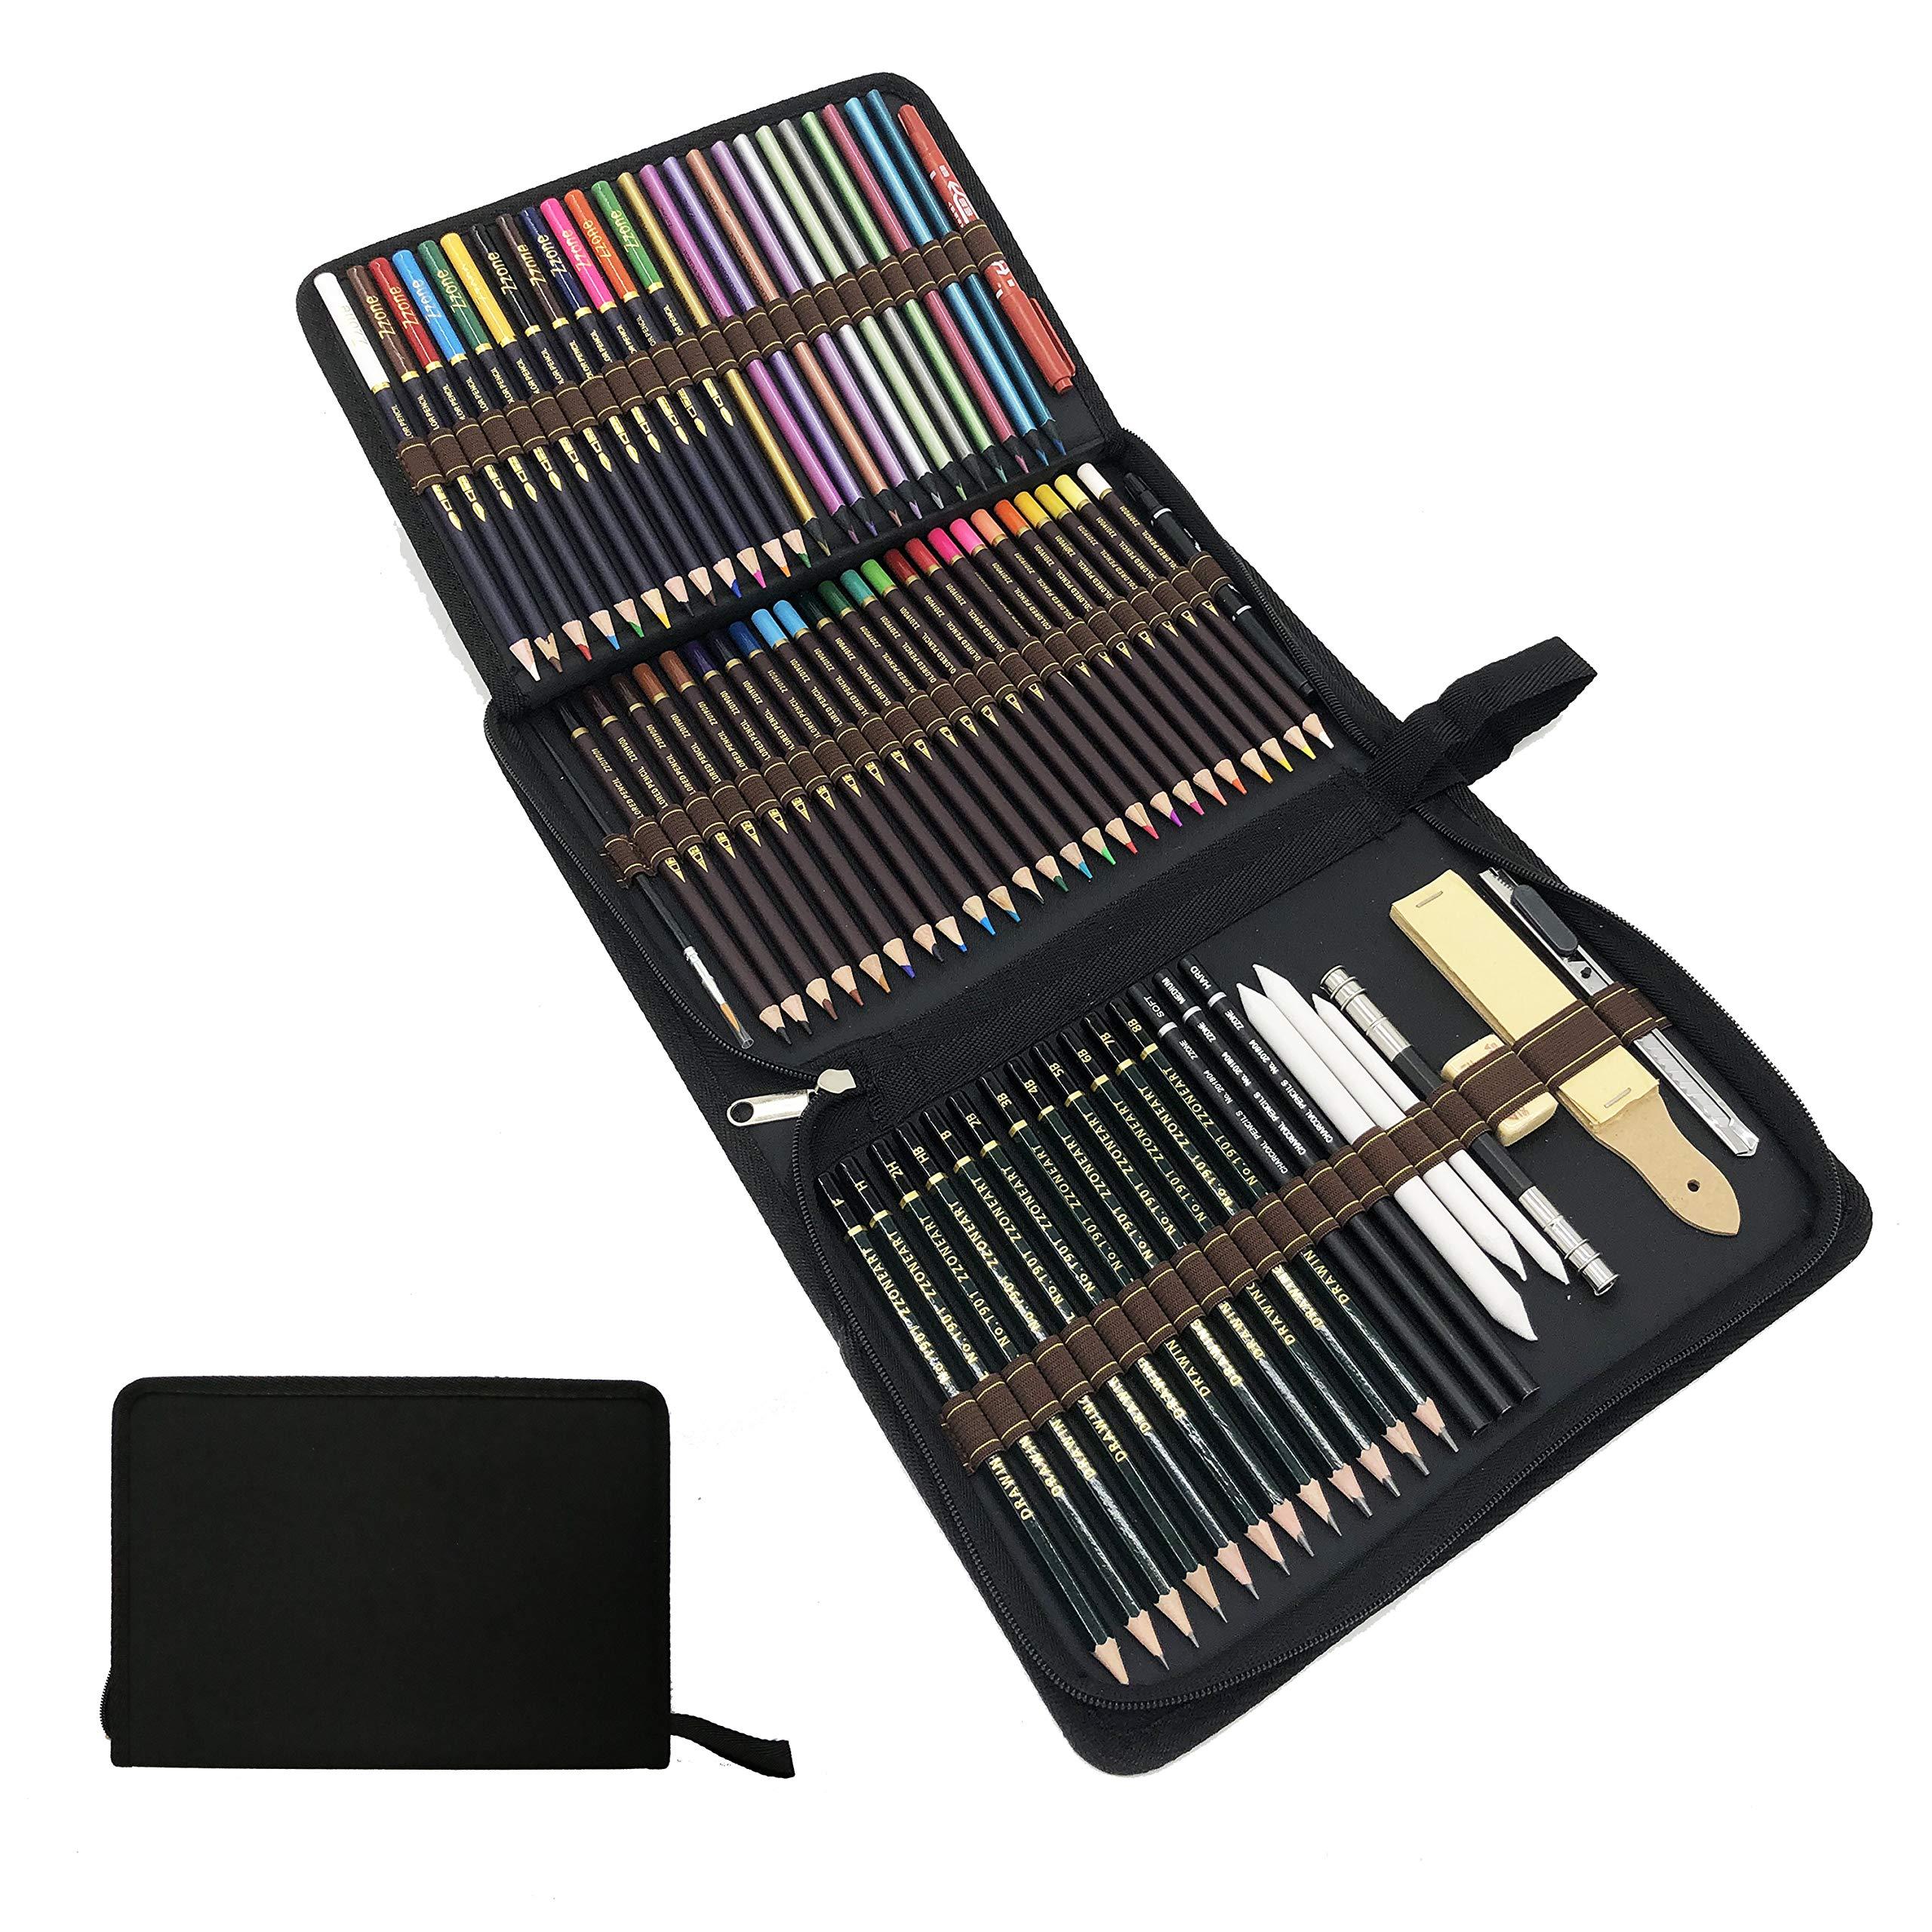 Lápices de Colores,lapiz de madera,Materiales para Dibujo Artistico,Kit de Dibujar y Pintura para Niños-Set de 75 lápices de Colores Mejores lápices para Colorear para Artistas,Estudiantes y Adultos: Amazon.es: Oficina y papelería